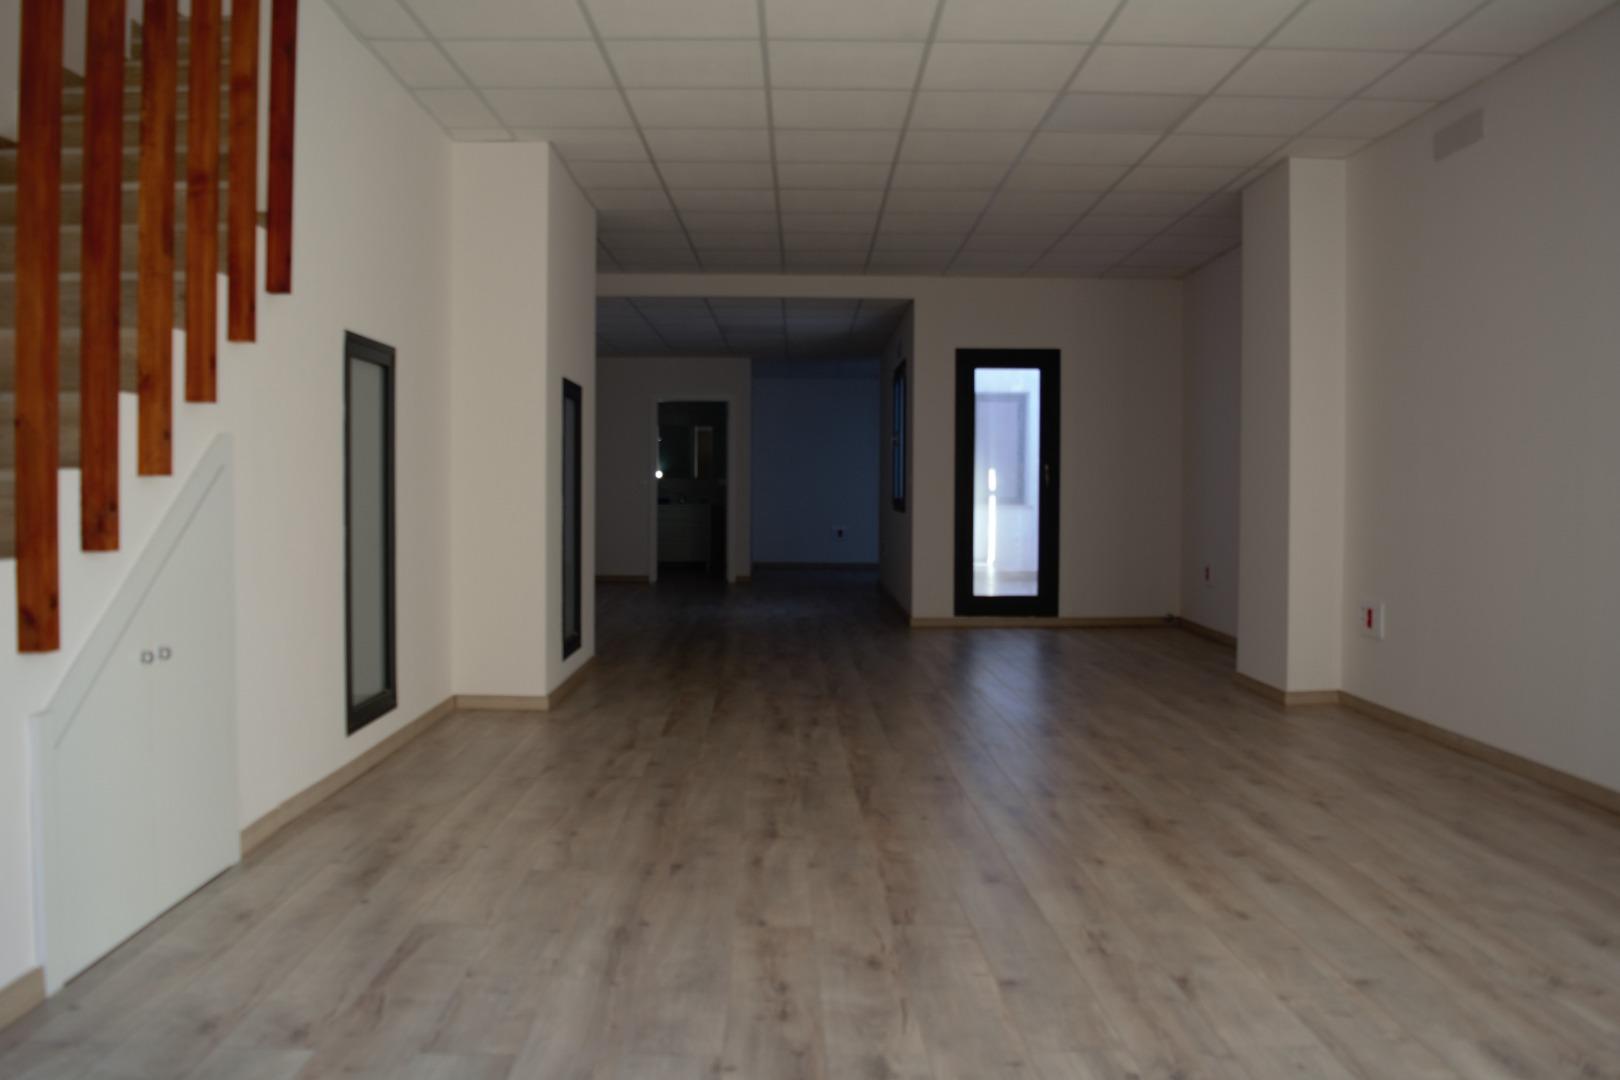 Location Bureau  Calle benito pérez galdós